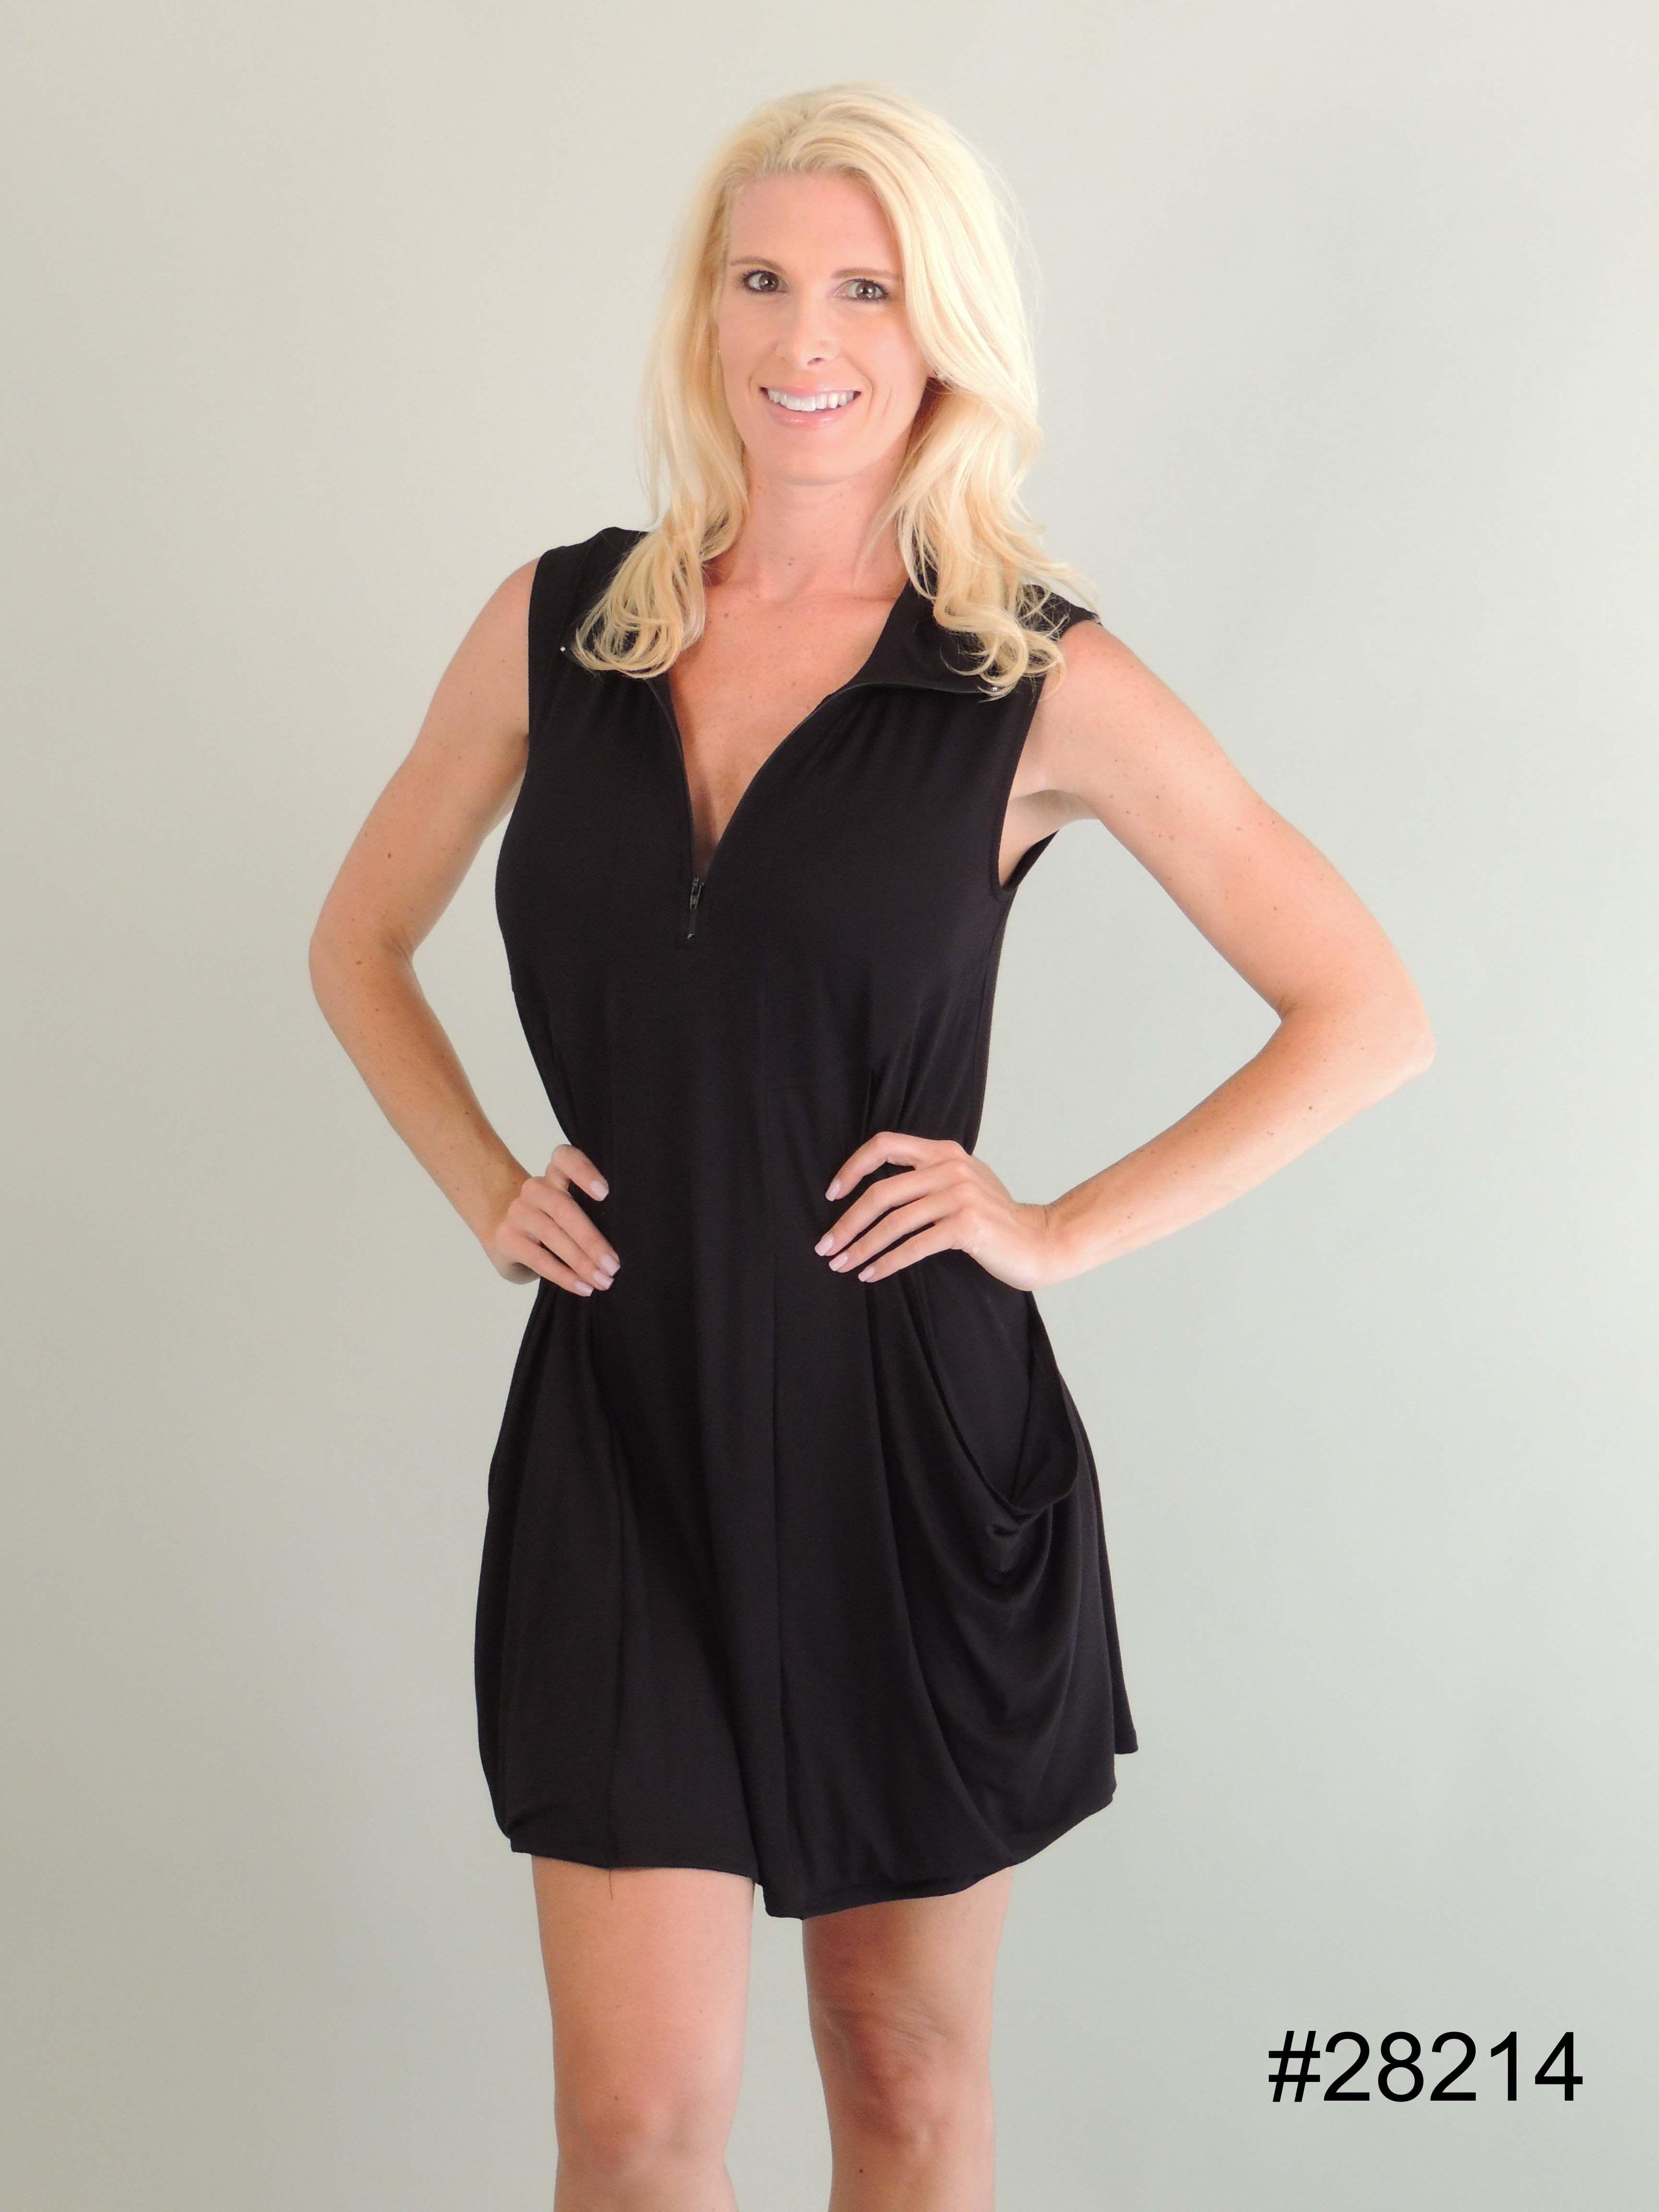 14c3d30624 J. Valdi Tank Zip Up Dress Cover Up. Color black. This bathing suit